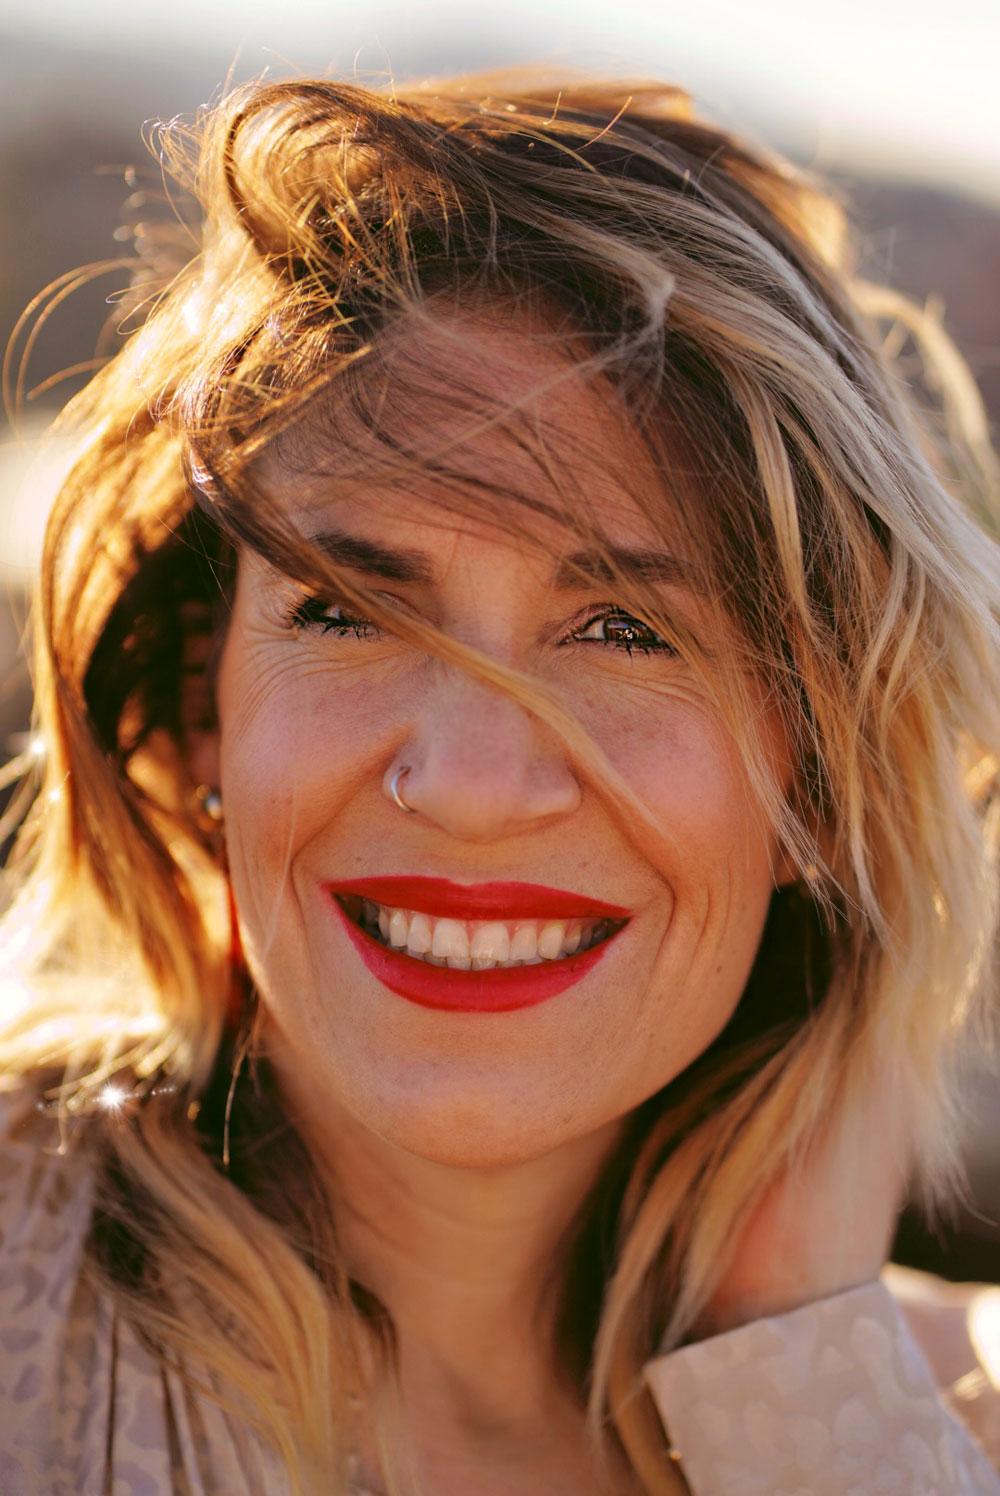 Was hilft wirklich gegen Augenschatten? Die Antworten auf diese und viele andere Fragen zu diesem Thema gibt es von Makeup Artist Jesca Li in der neuen sonrisa-Serie Schattenspiele.